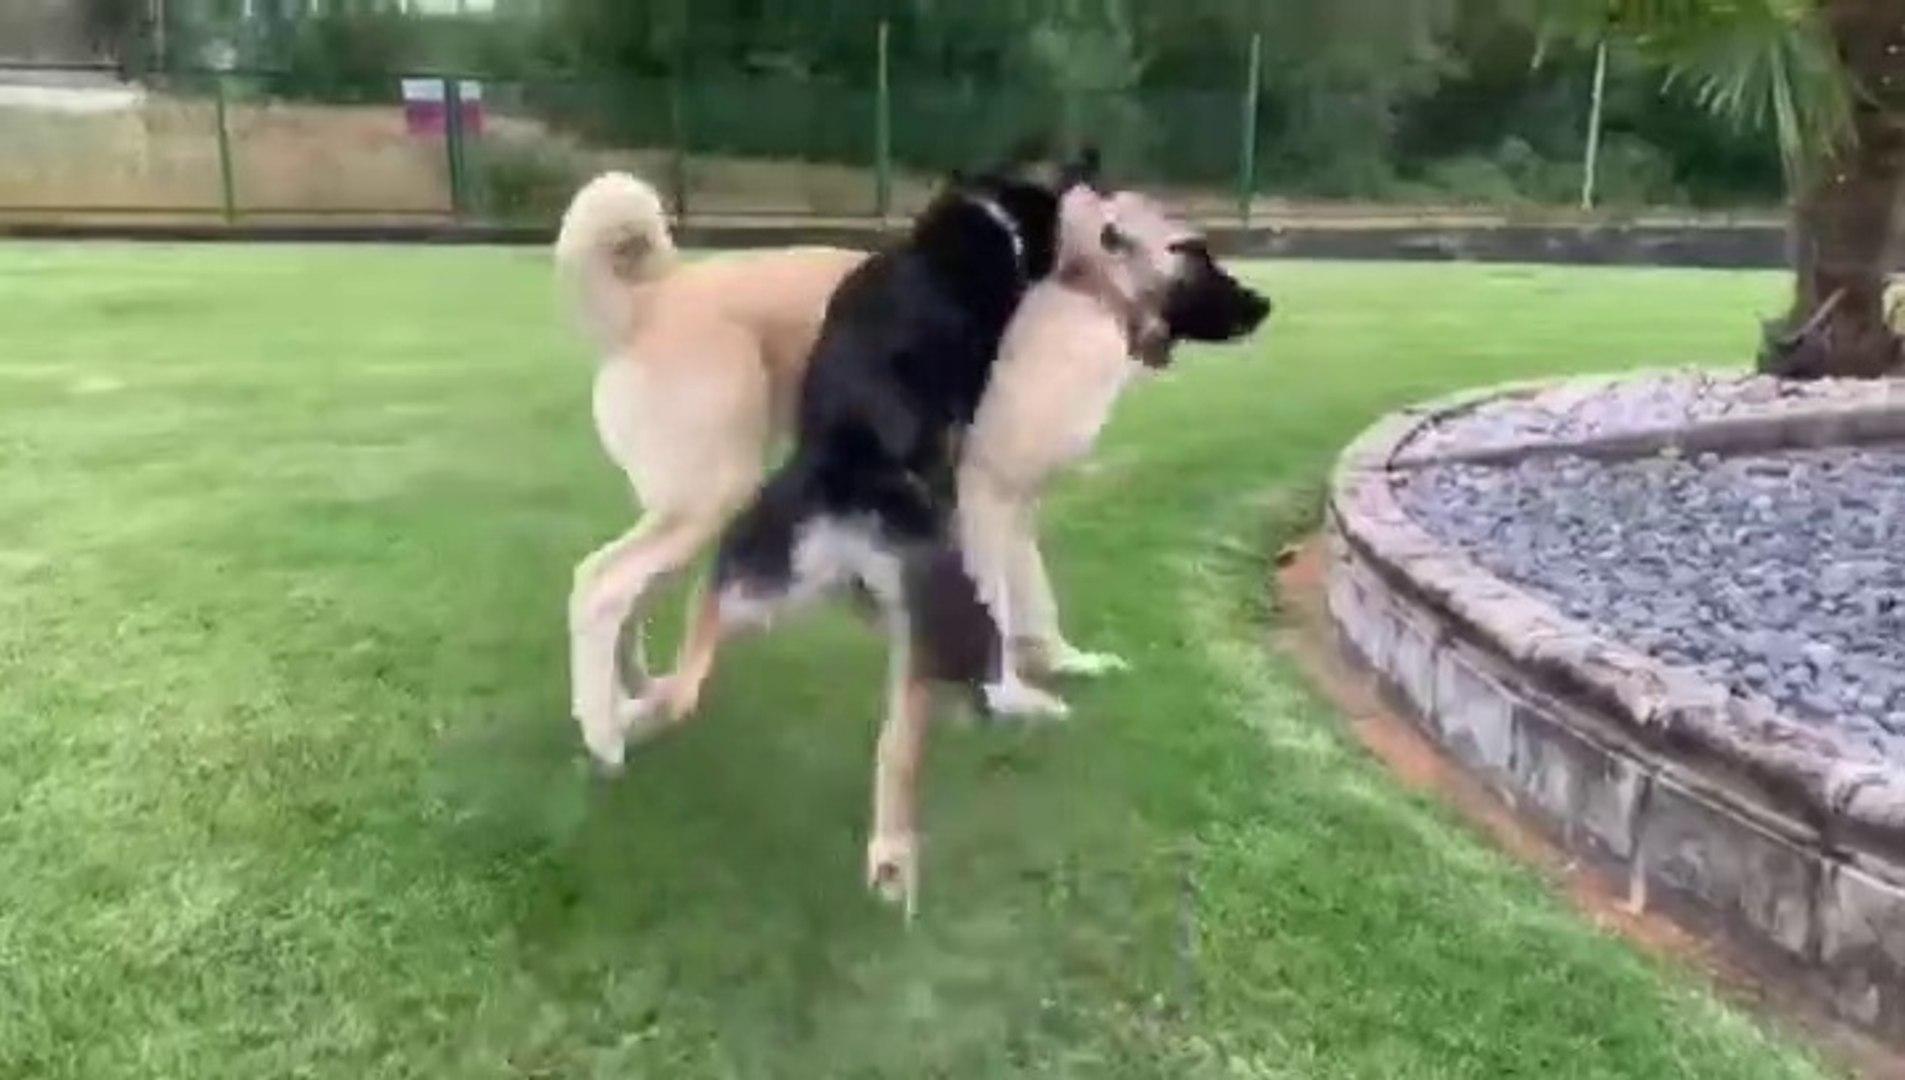 COBAN KOPEKLERi SEViMLi HALLERiNE DAiR - CUTE SHEPHERD DOGS in GARDEN